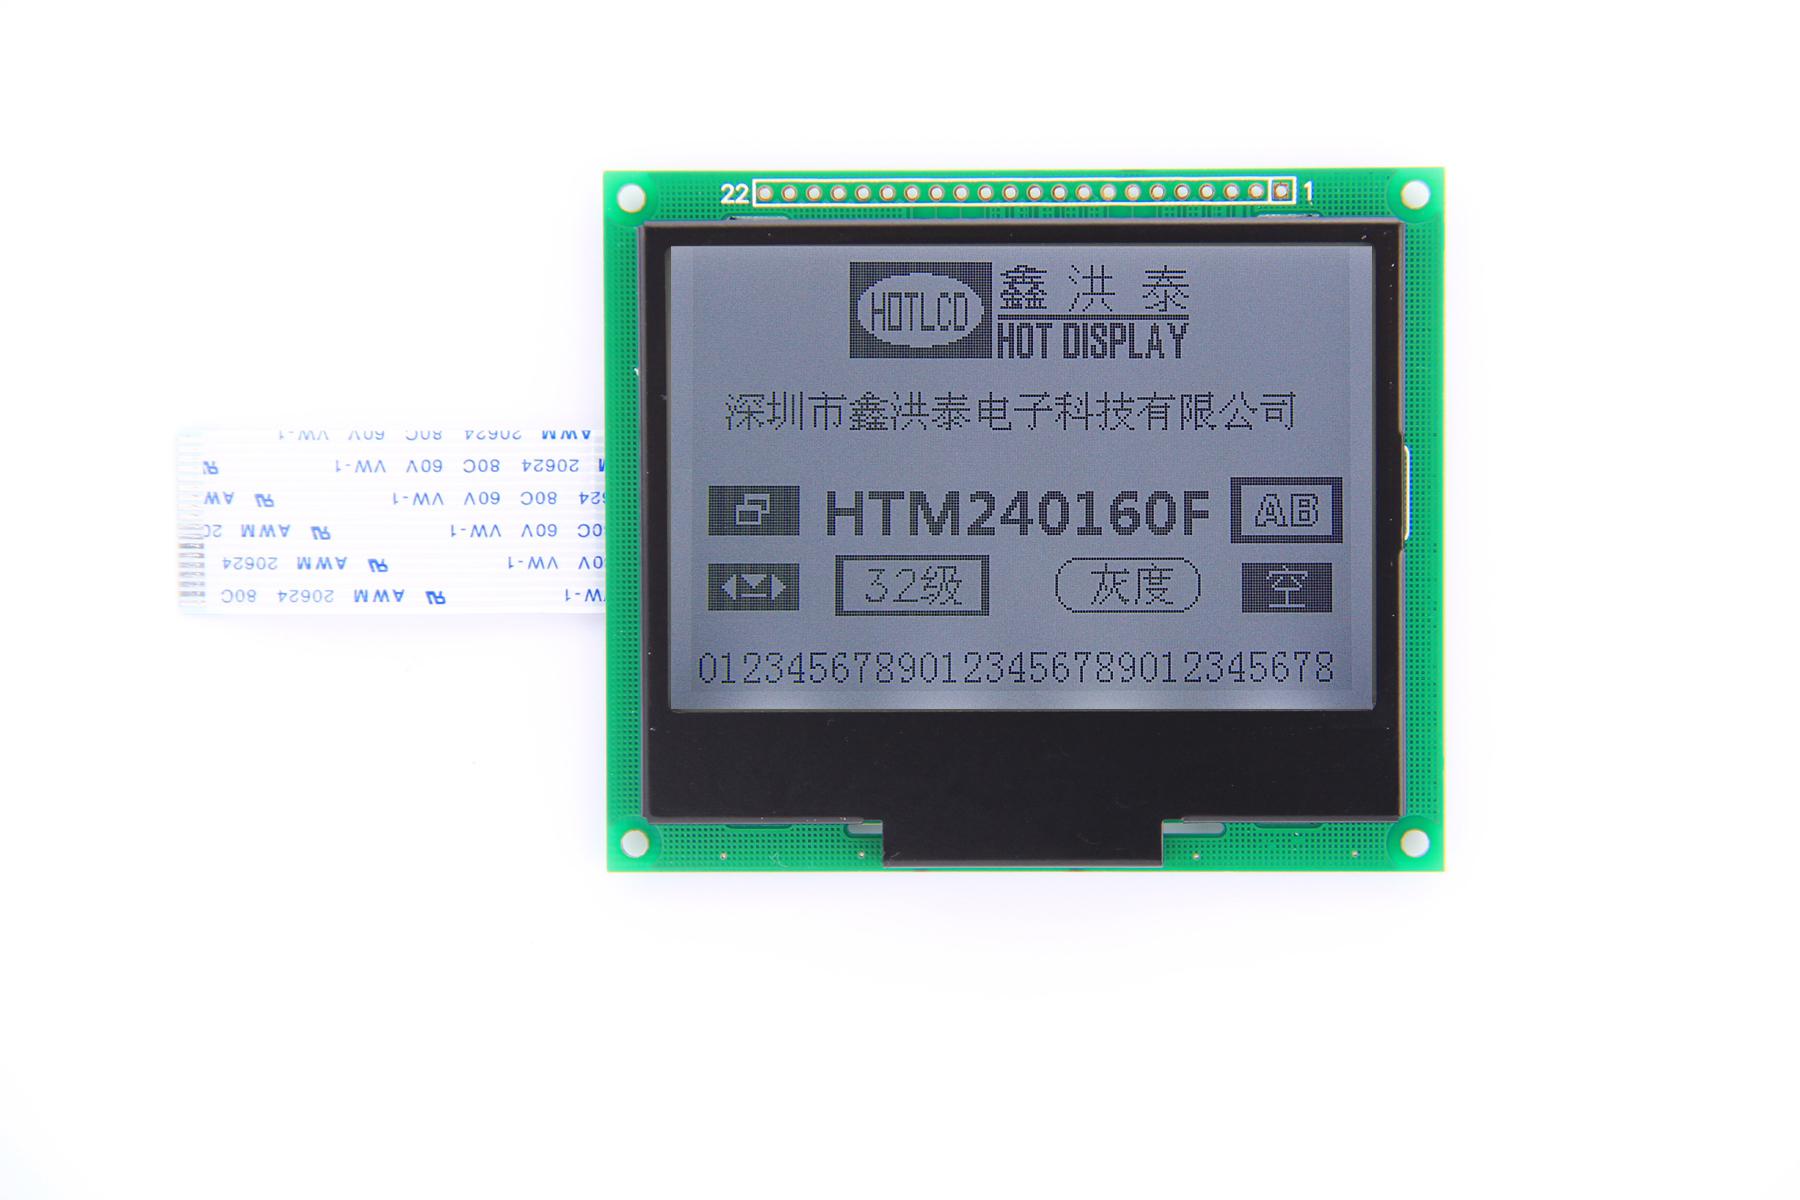 HTM240160F--拥有32级灰度尺寸适中的高分辨率液晶显示模组!